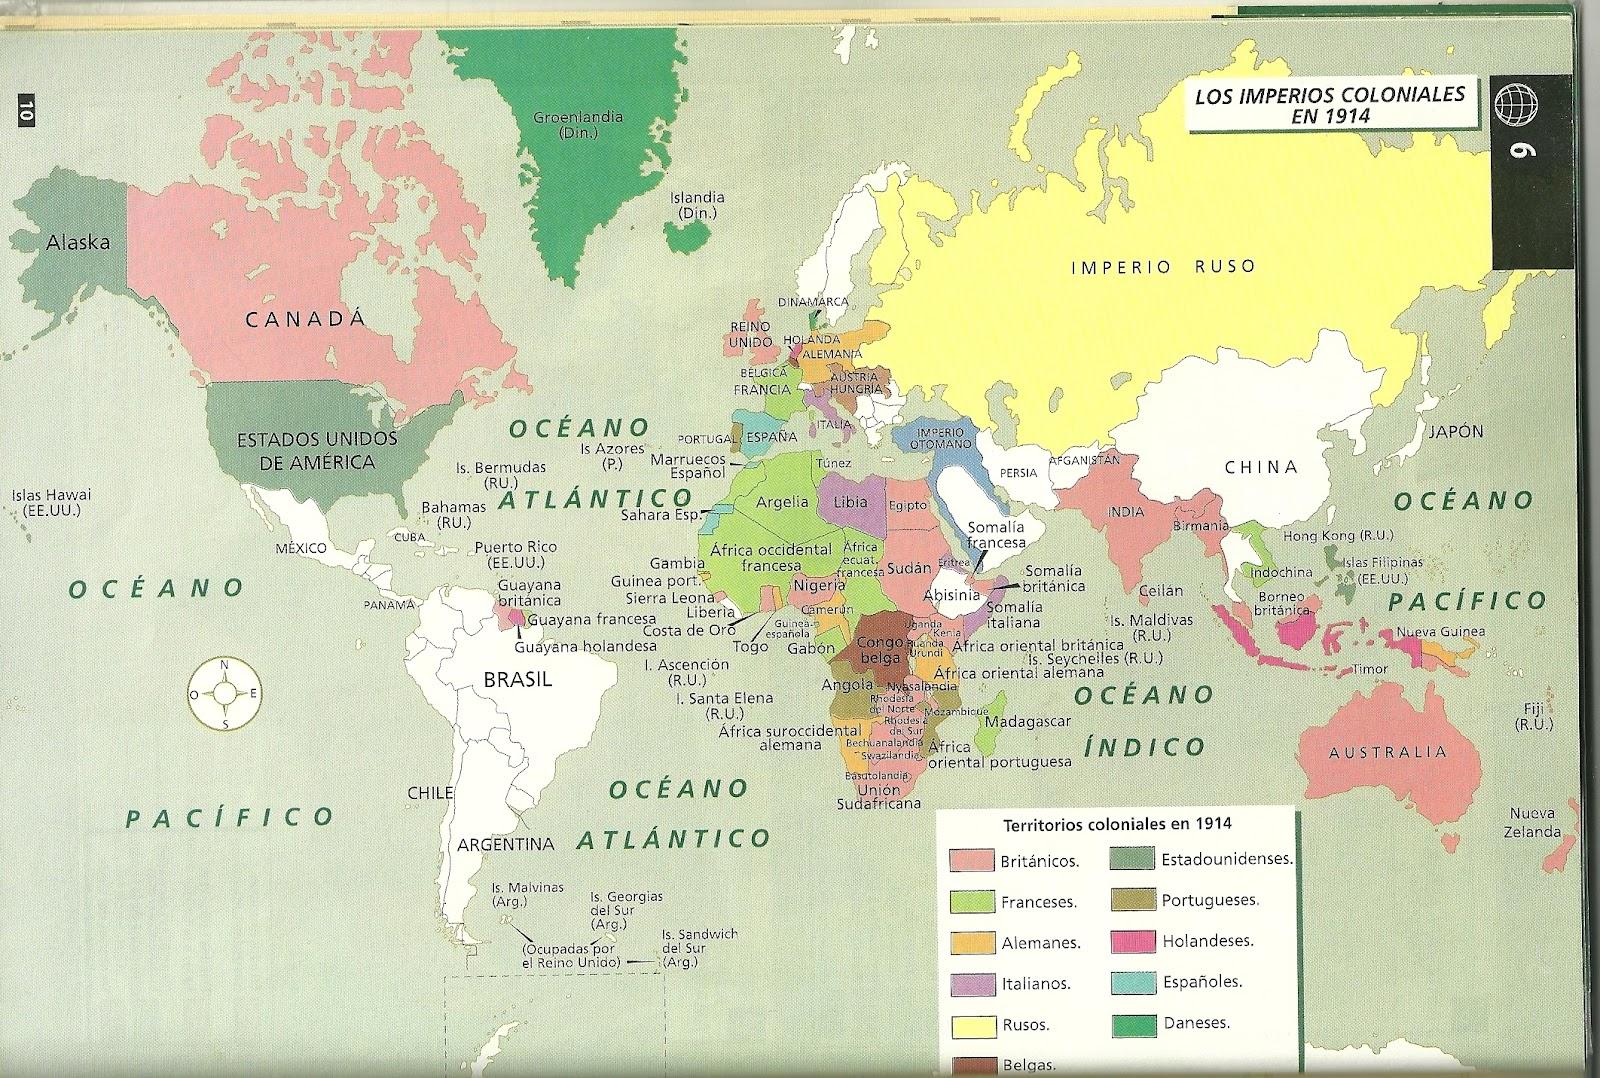 Expansin europea en Asia y Africa en el siglo XIX  Imperialismo